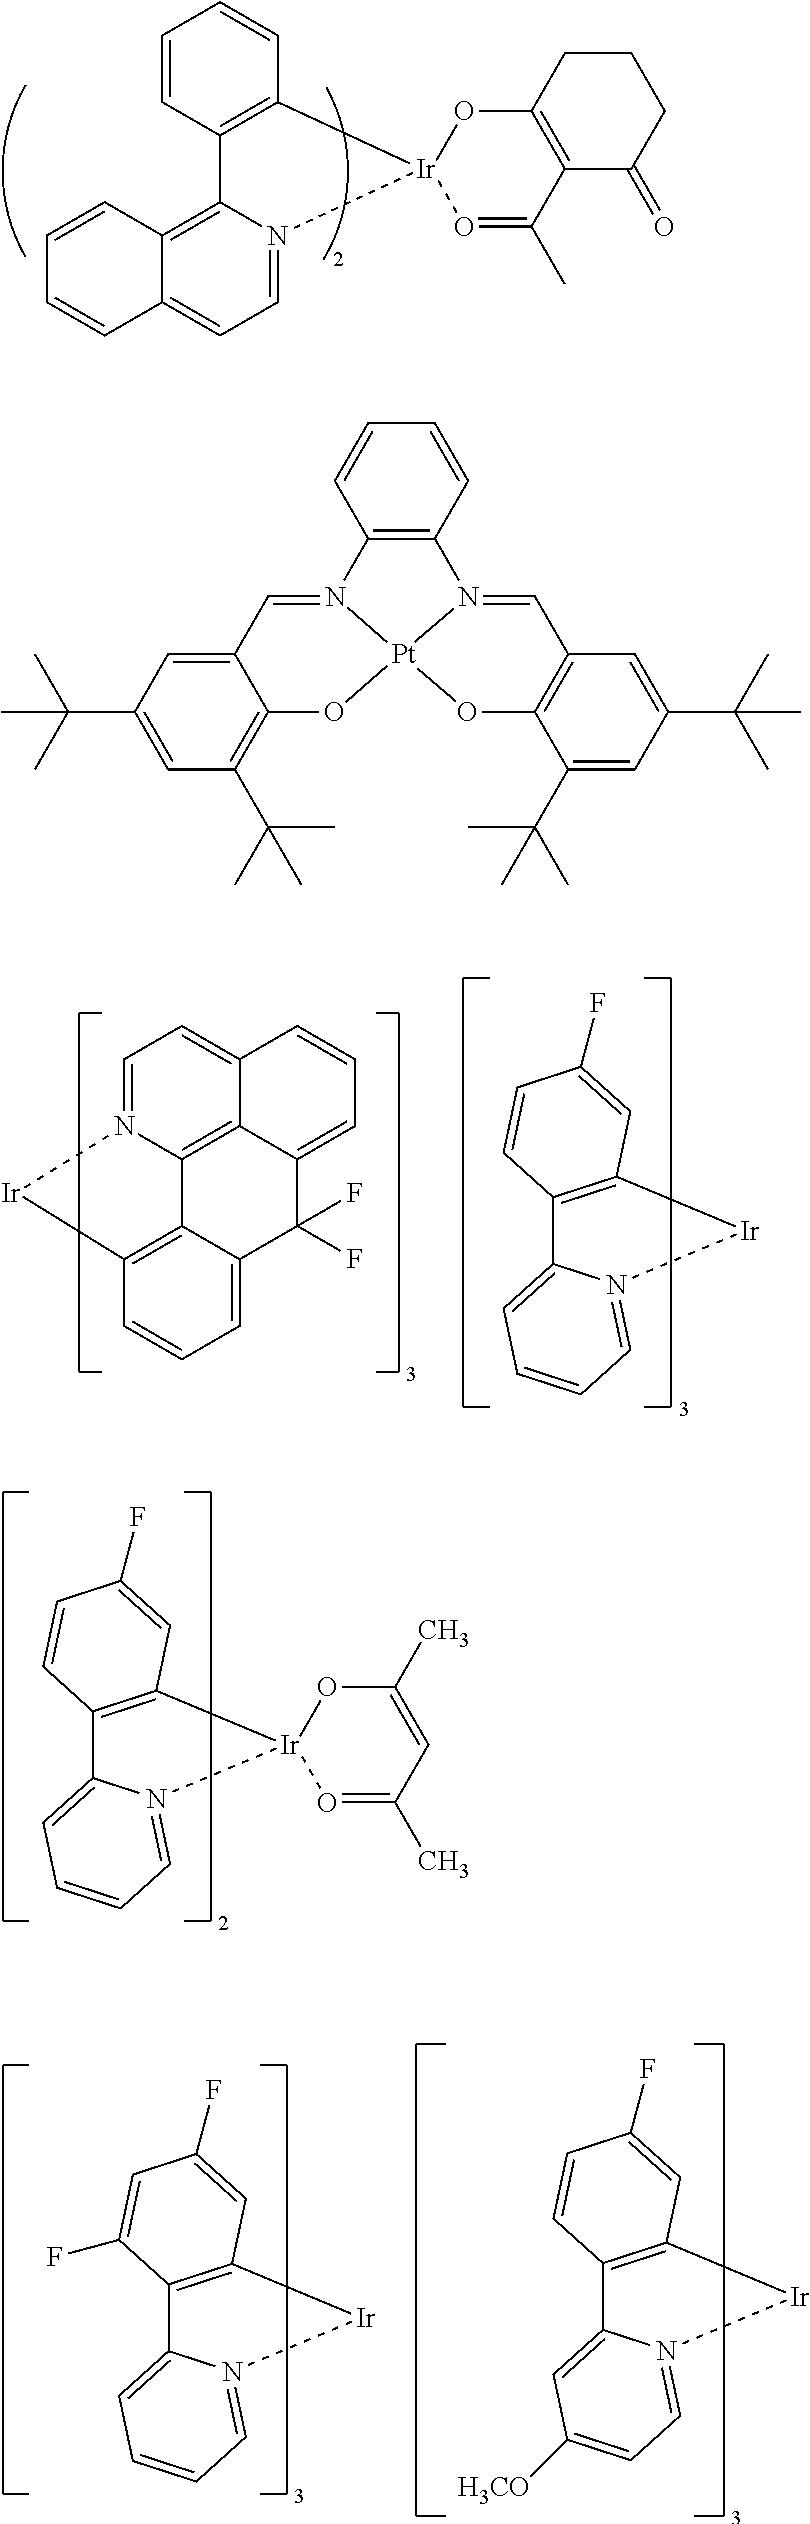 Figure US09837615-20171205-C00090